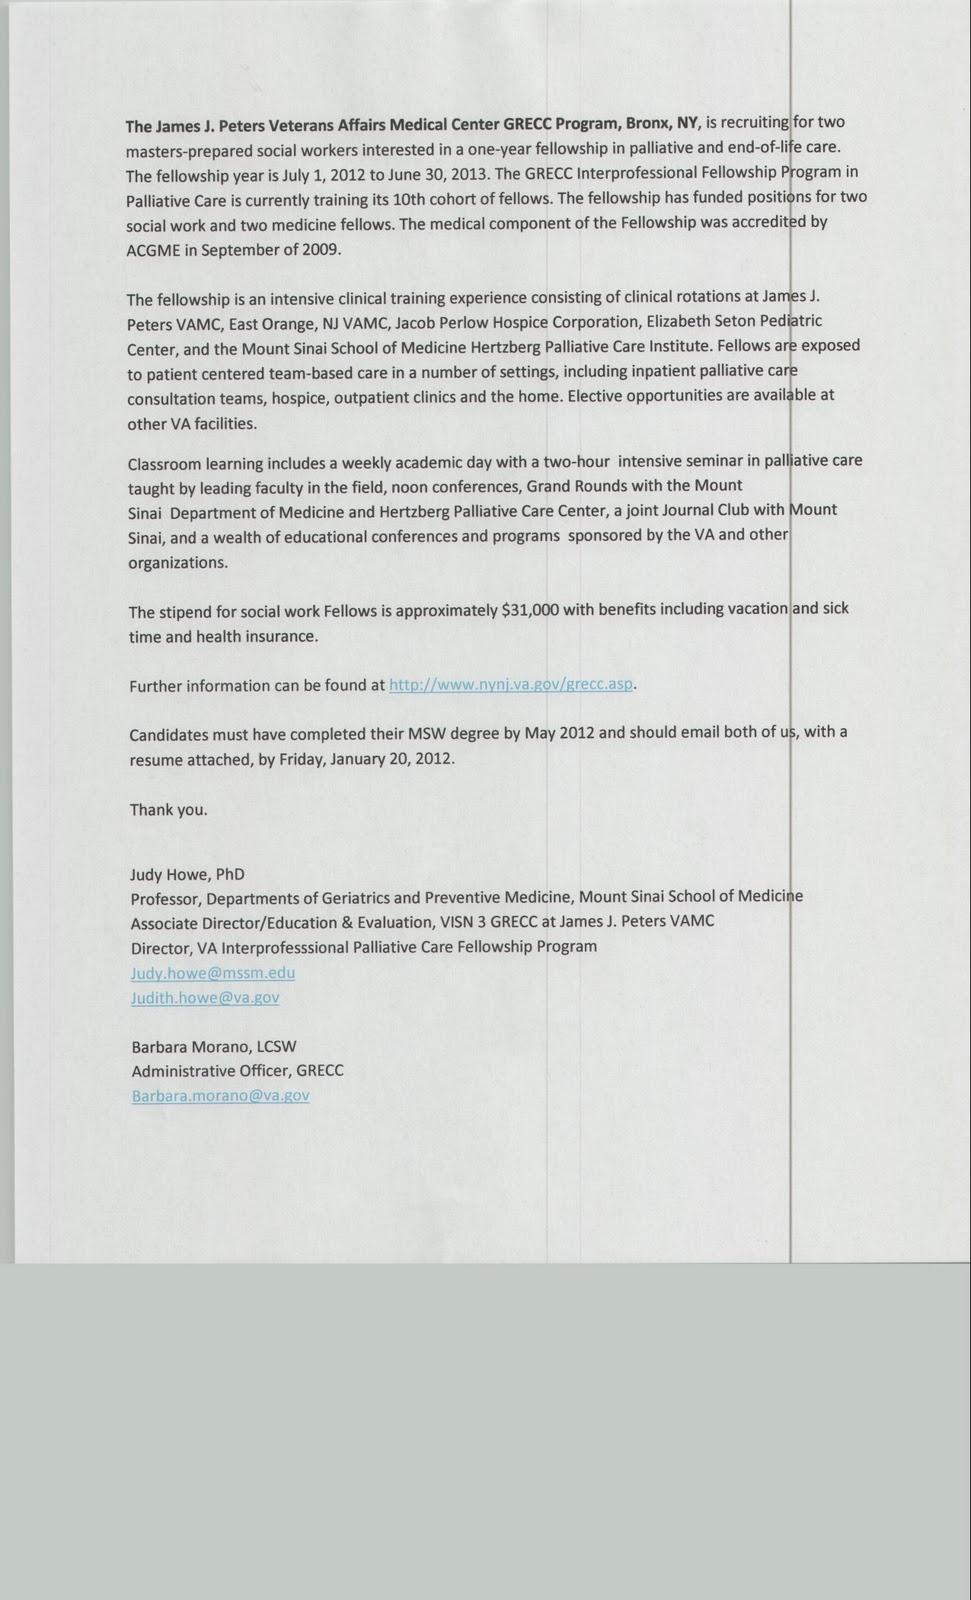 Lcsw resume example